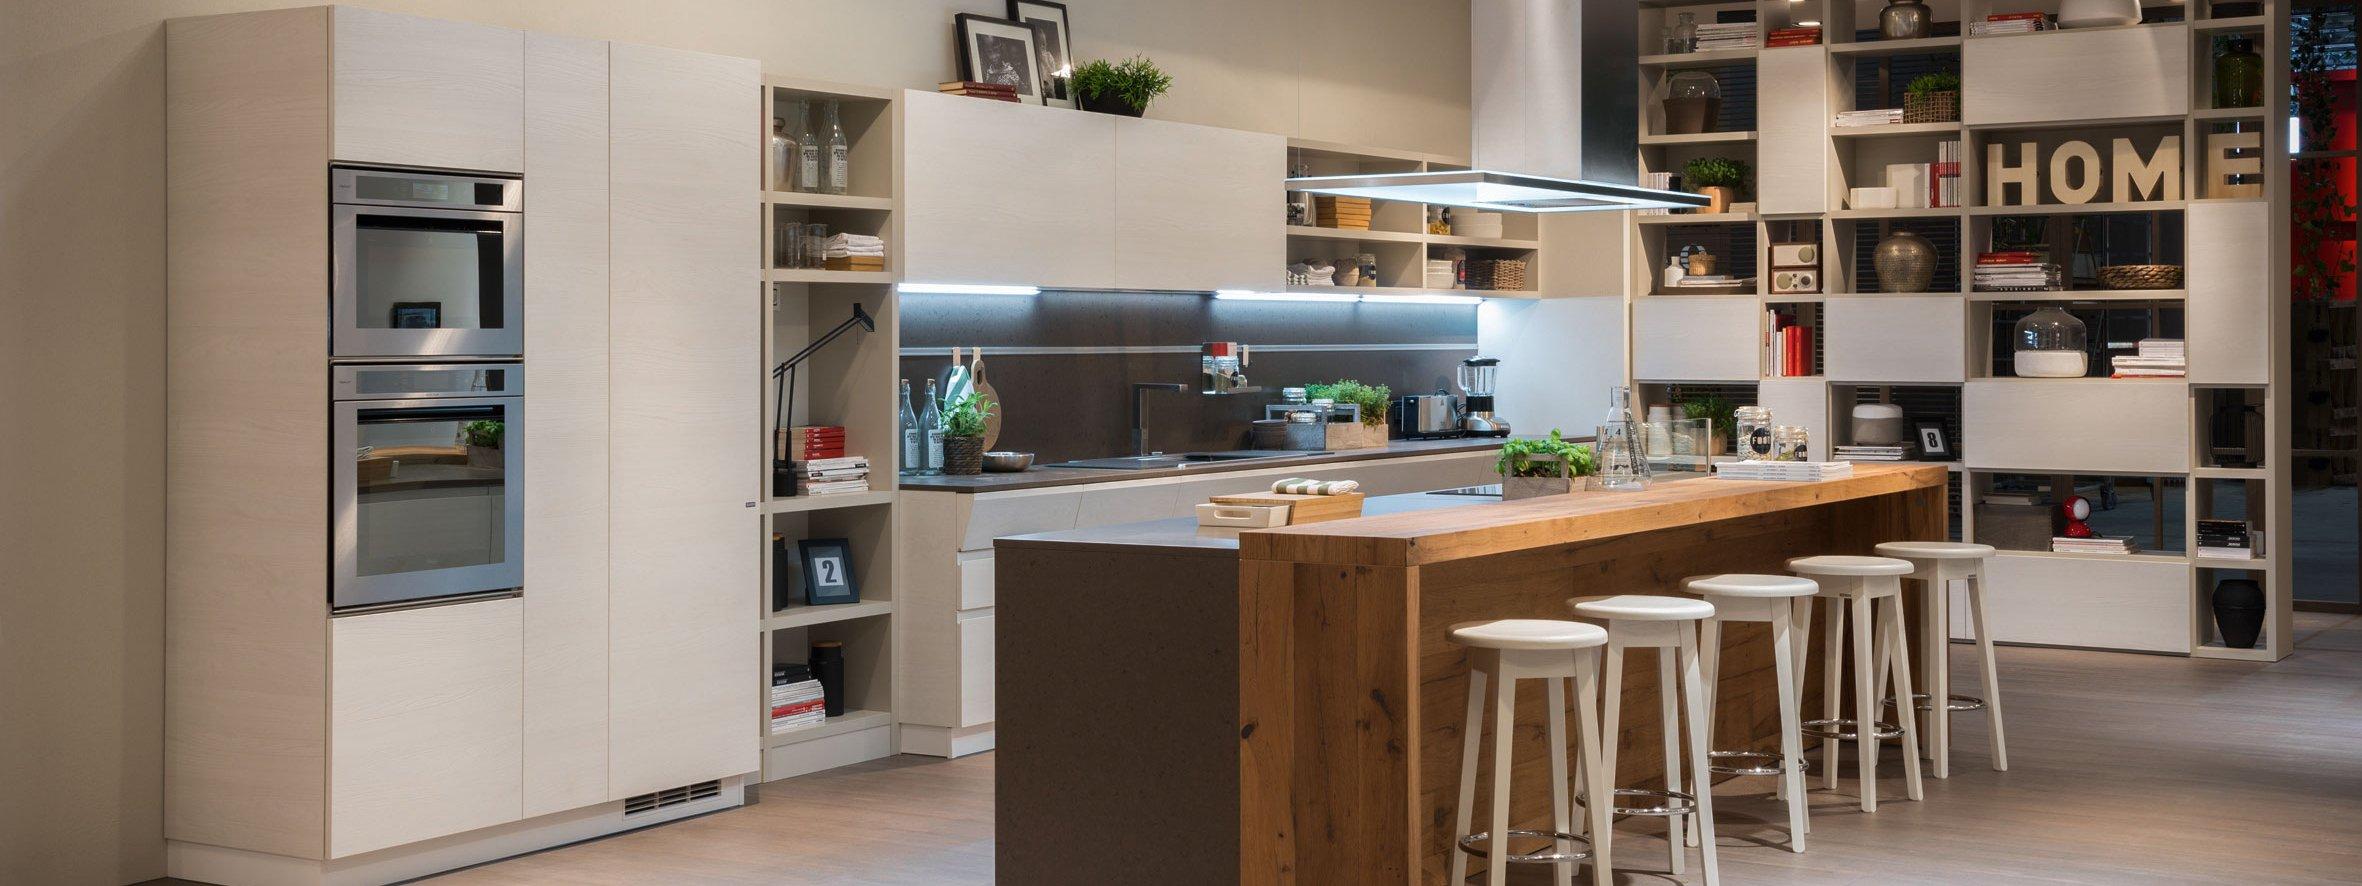 100+ [ arredare soggiorno piccolo ] | tavolino esagonale da ... - Unico Ambiente Cucina Salone 2